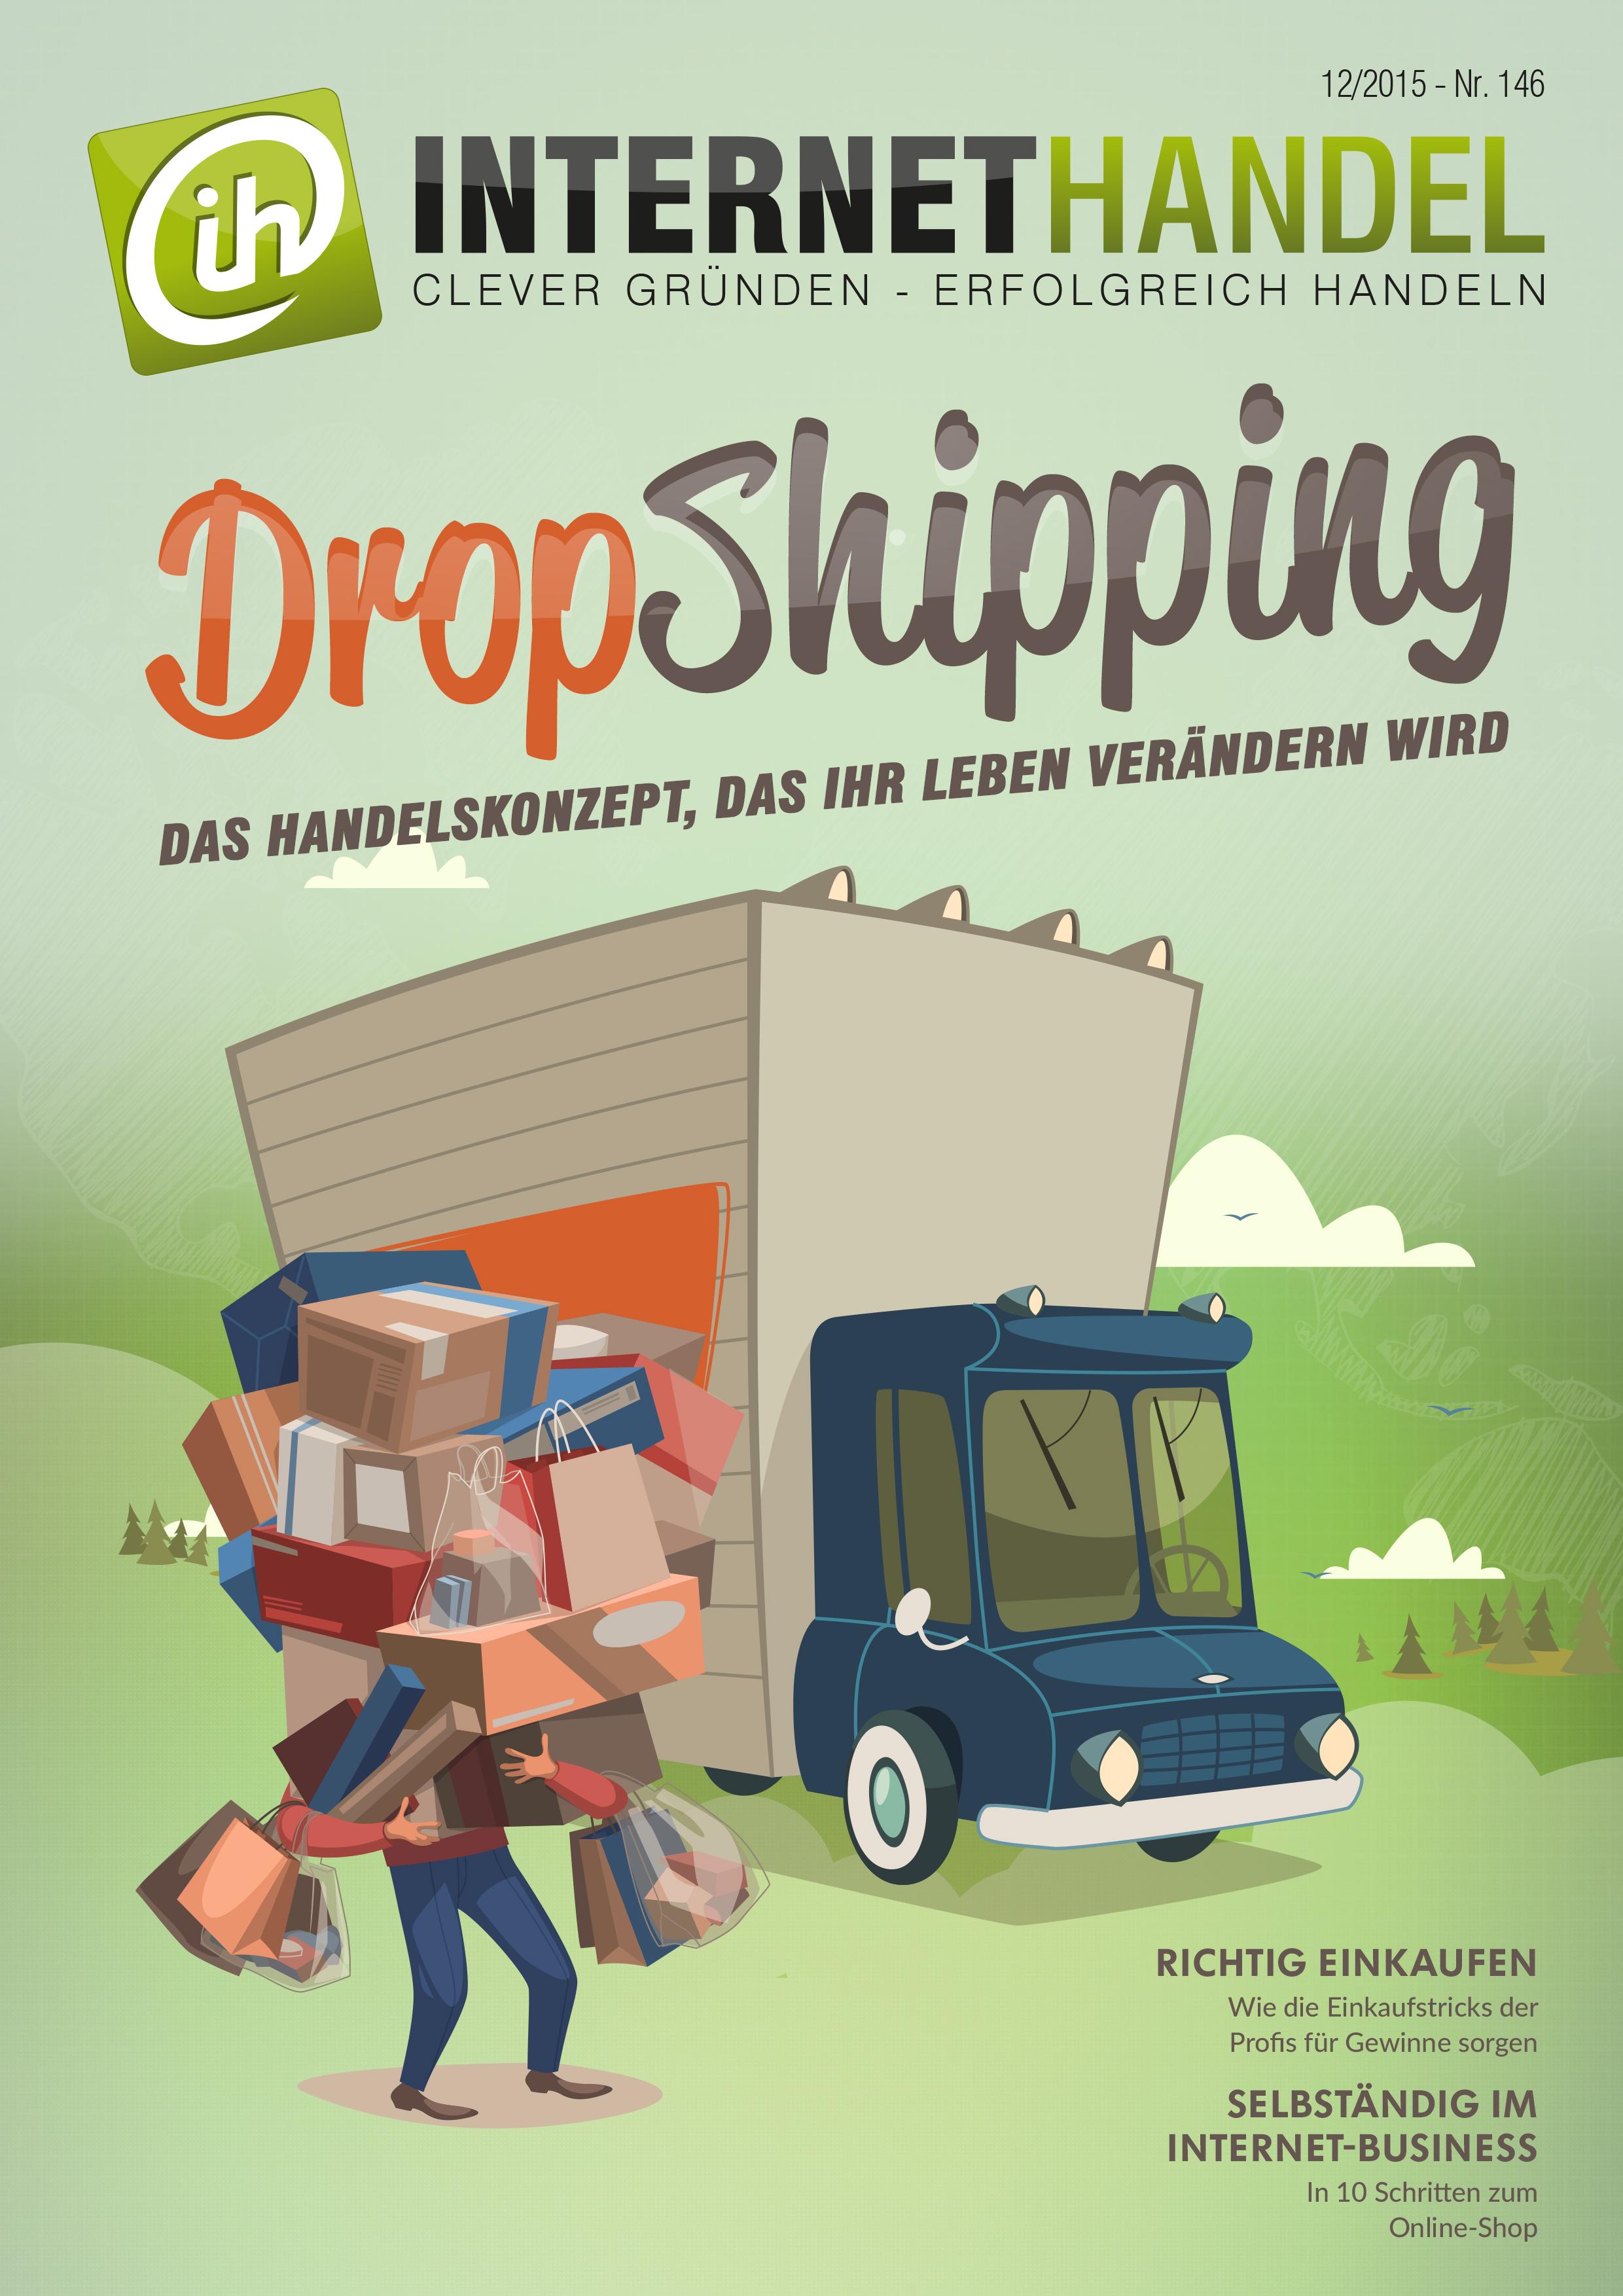 Titelbild-Internethandel-de-Nr-146-12-2015-DropShipping-Das-Handelskonzept-das-Ihr-Leben-veraendern-wird